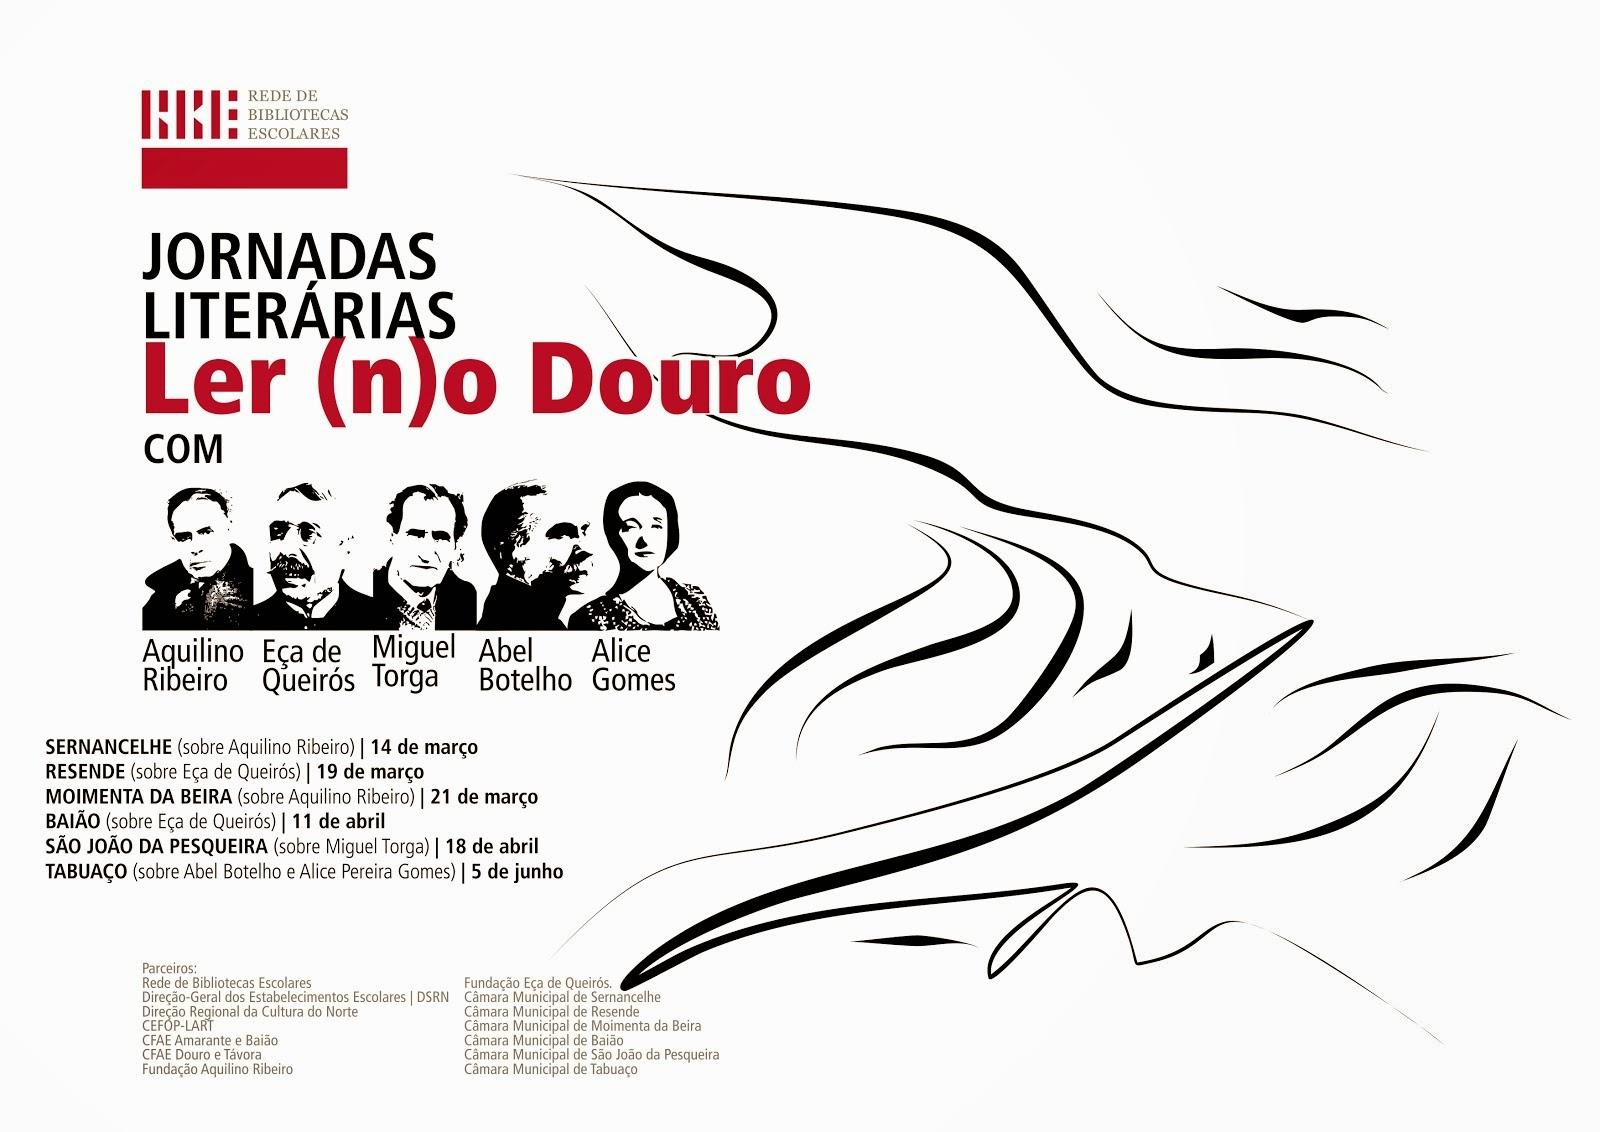 Jornadas Literárias Ler n(o) Douro